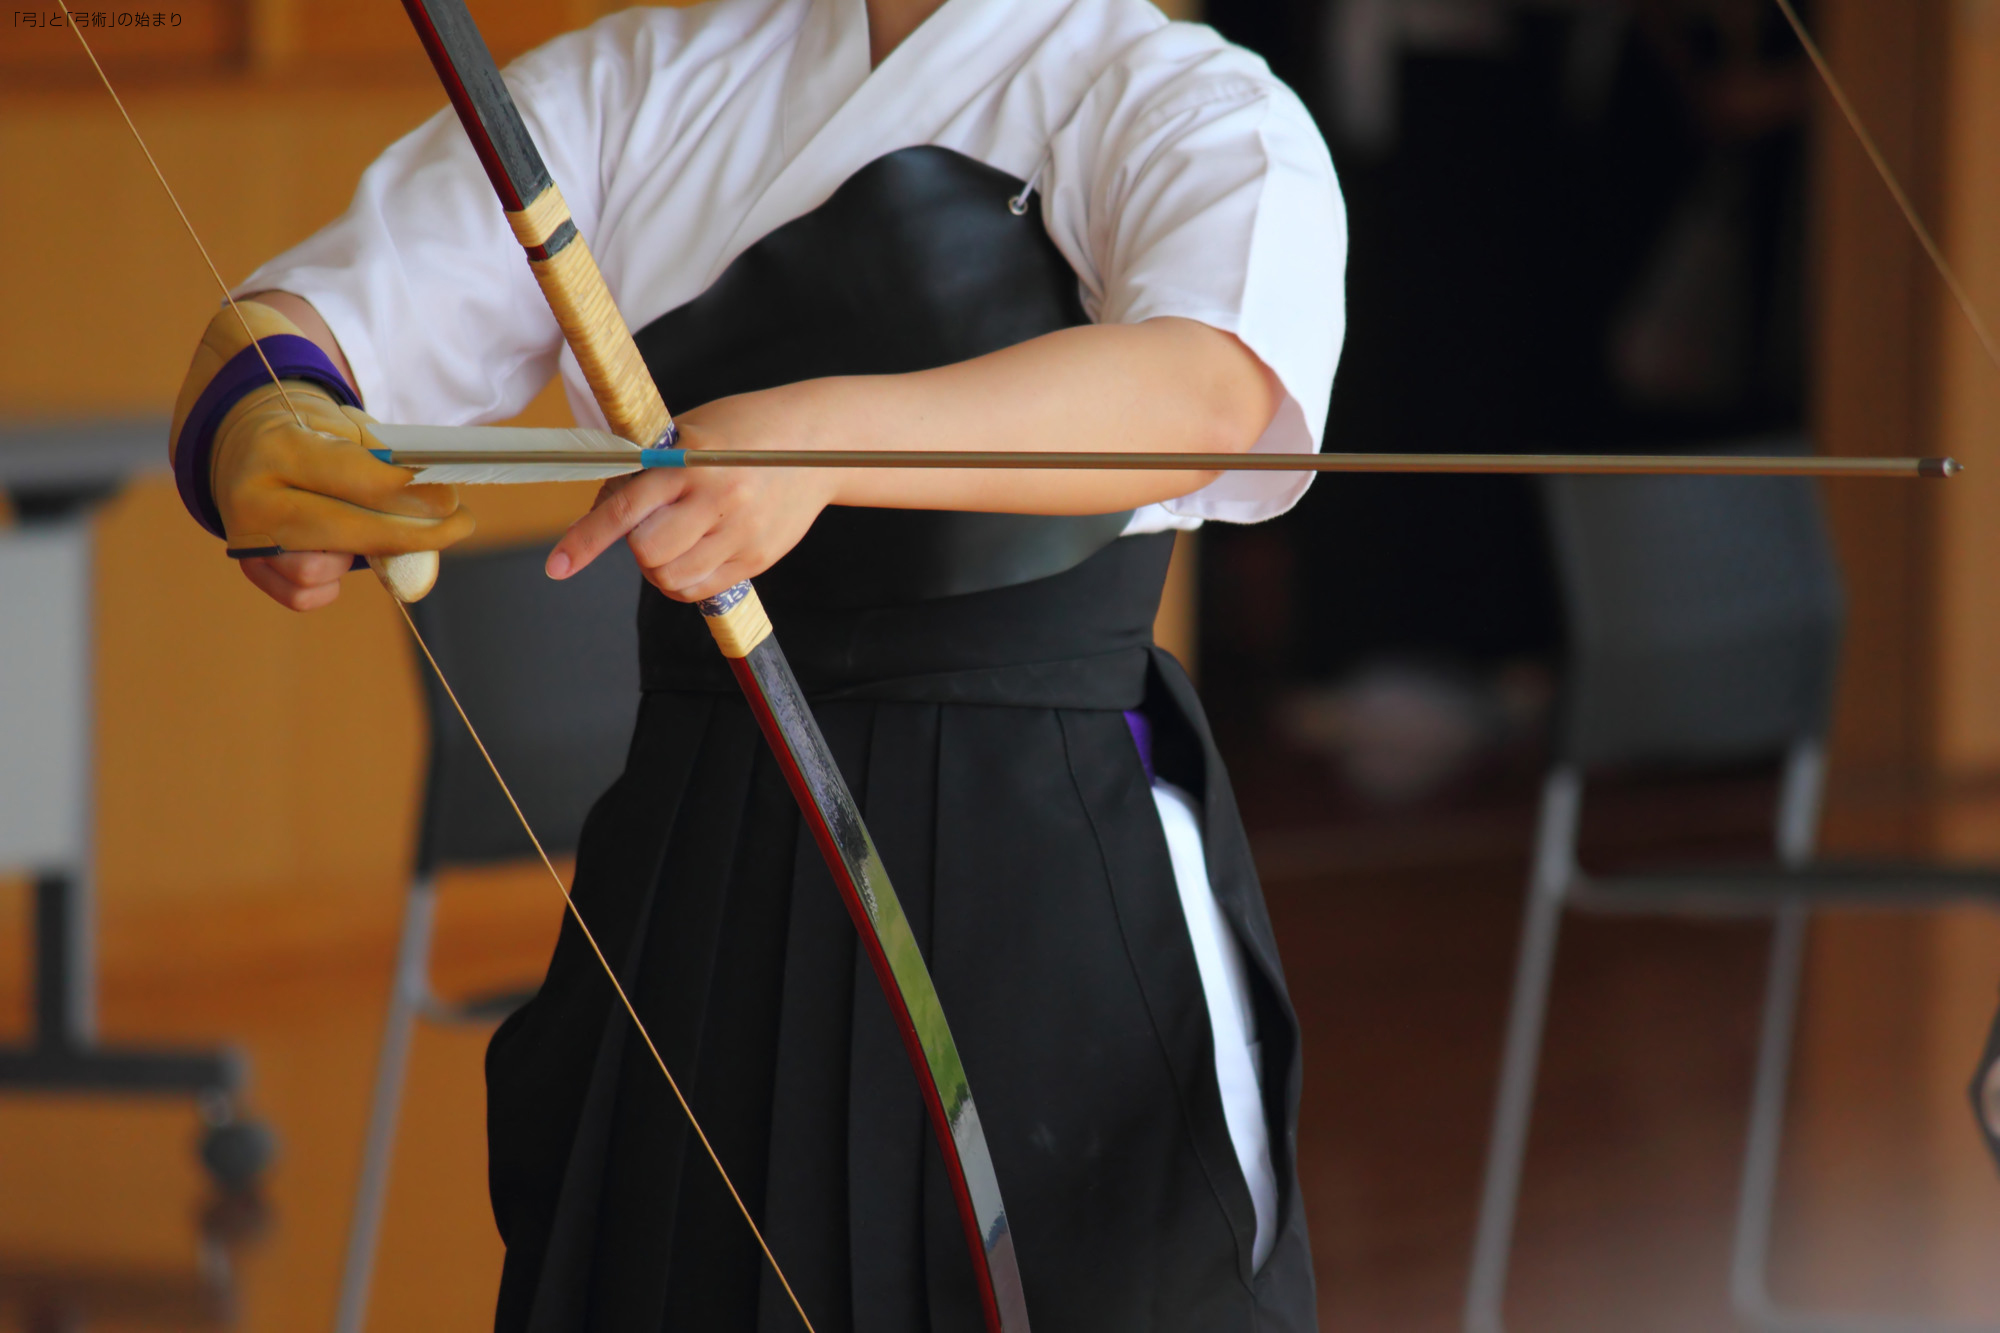 「弓」と「弓術」の始まり④